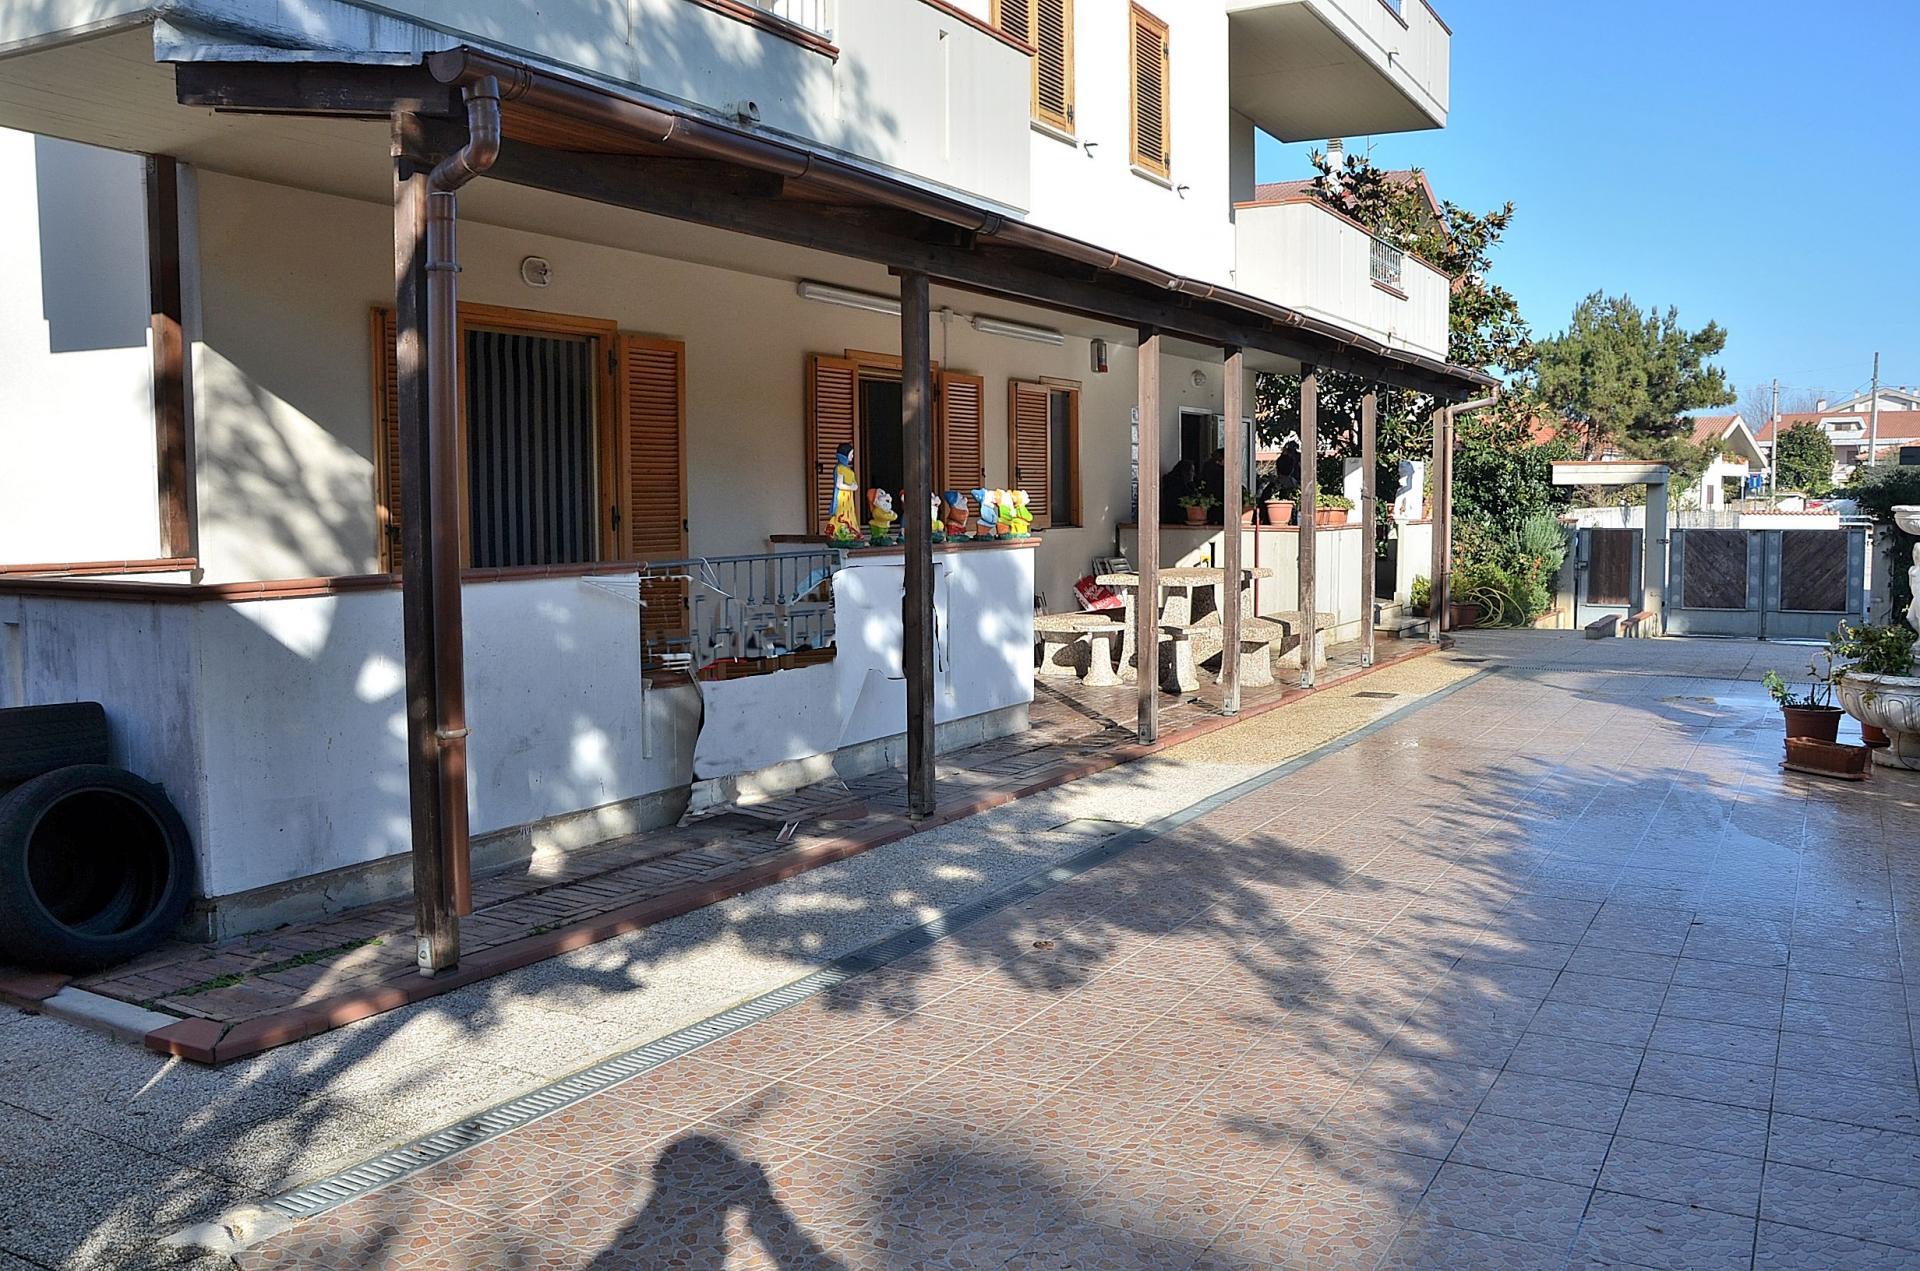 Appartamento in vendita a Città Sant'Angelo, 4 locali, zona Località: SanMartinoBassa, prezzo € 174.000 | Cambio Casa.it